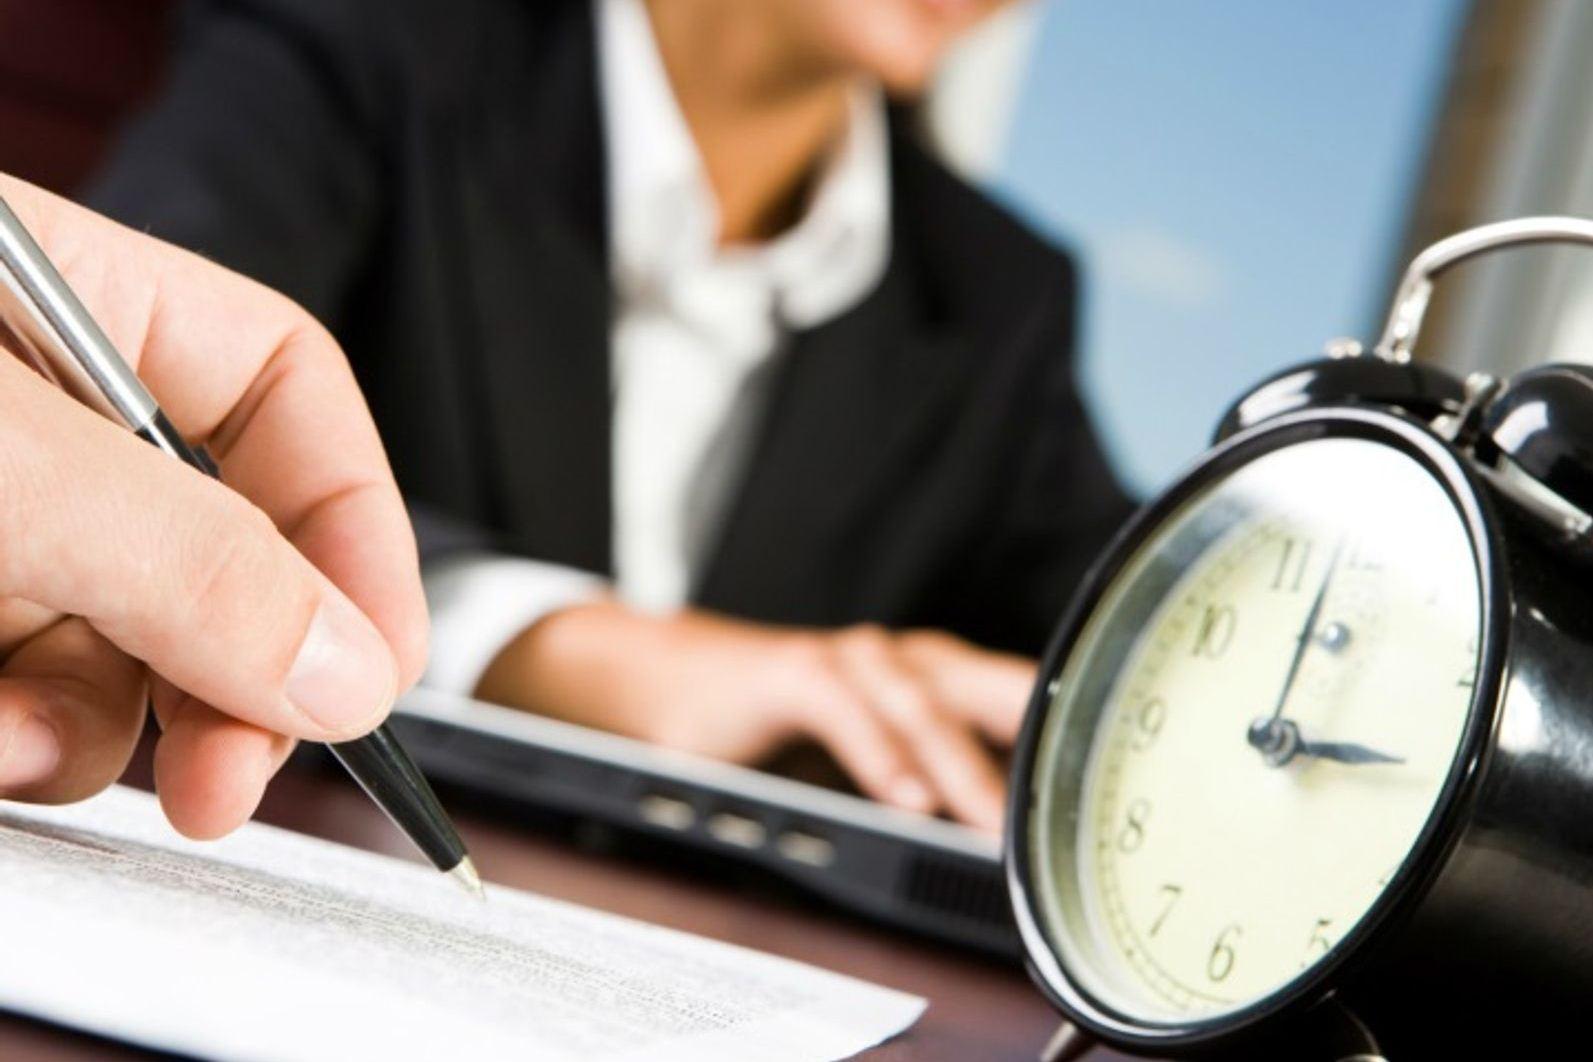 последствия неуплаты страховки по ипотеке, просрочен платеж